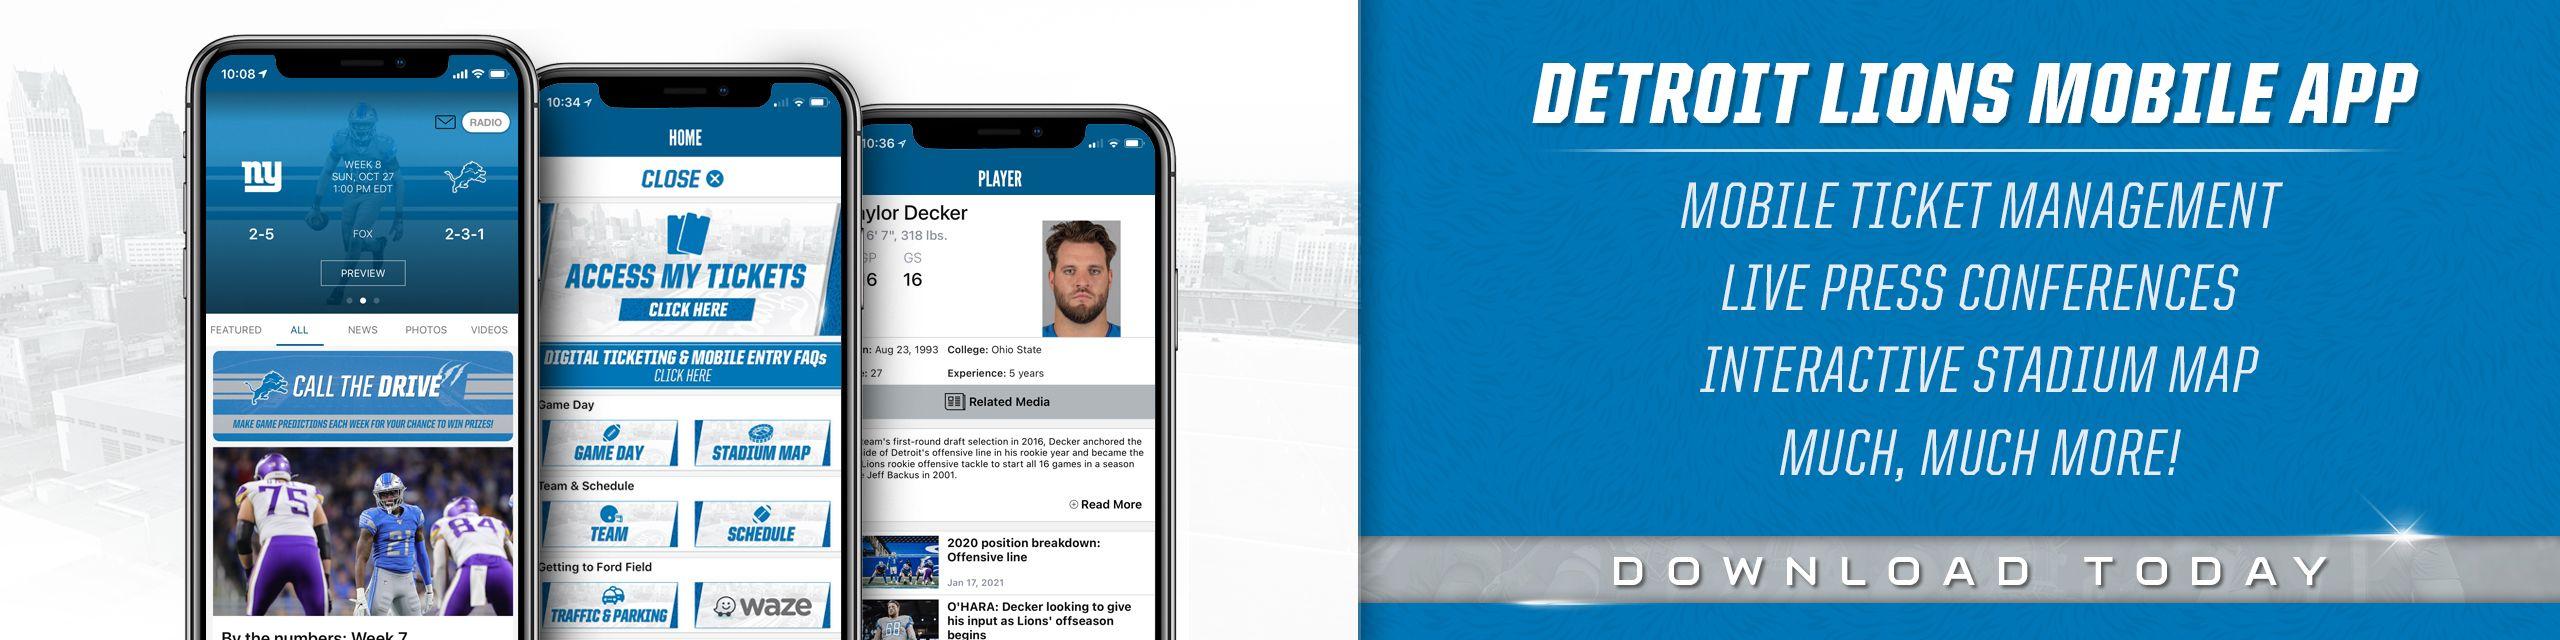 detroit-lions-mobile-app